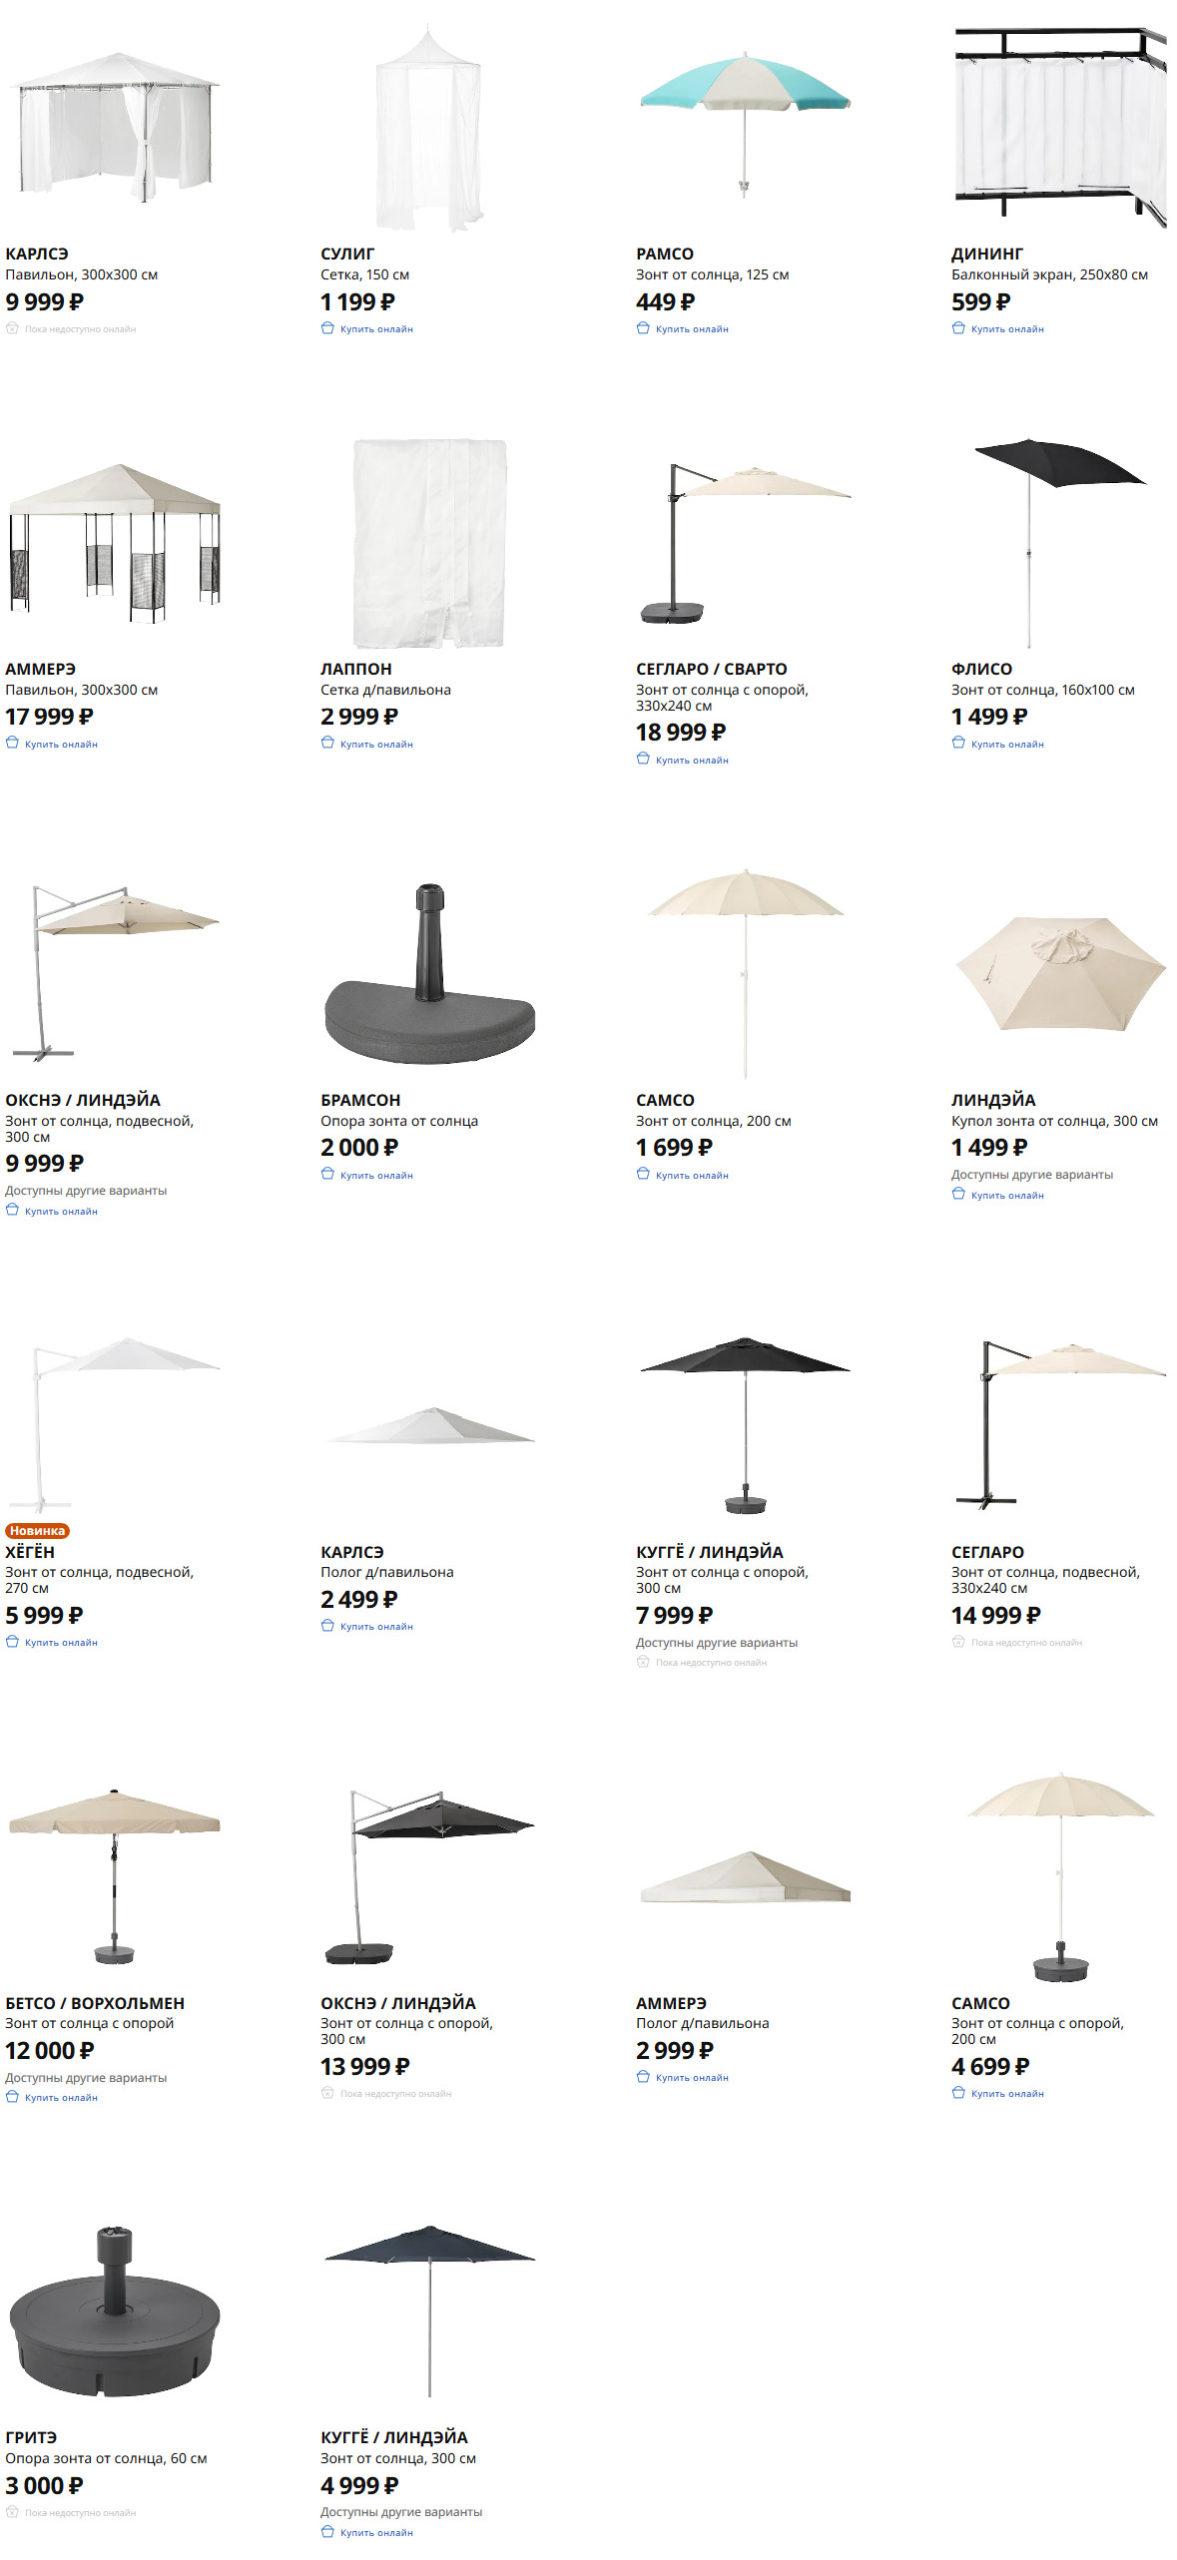 Зонты от солнца и павильоны Икеа